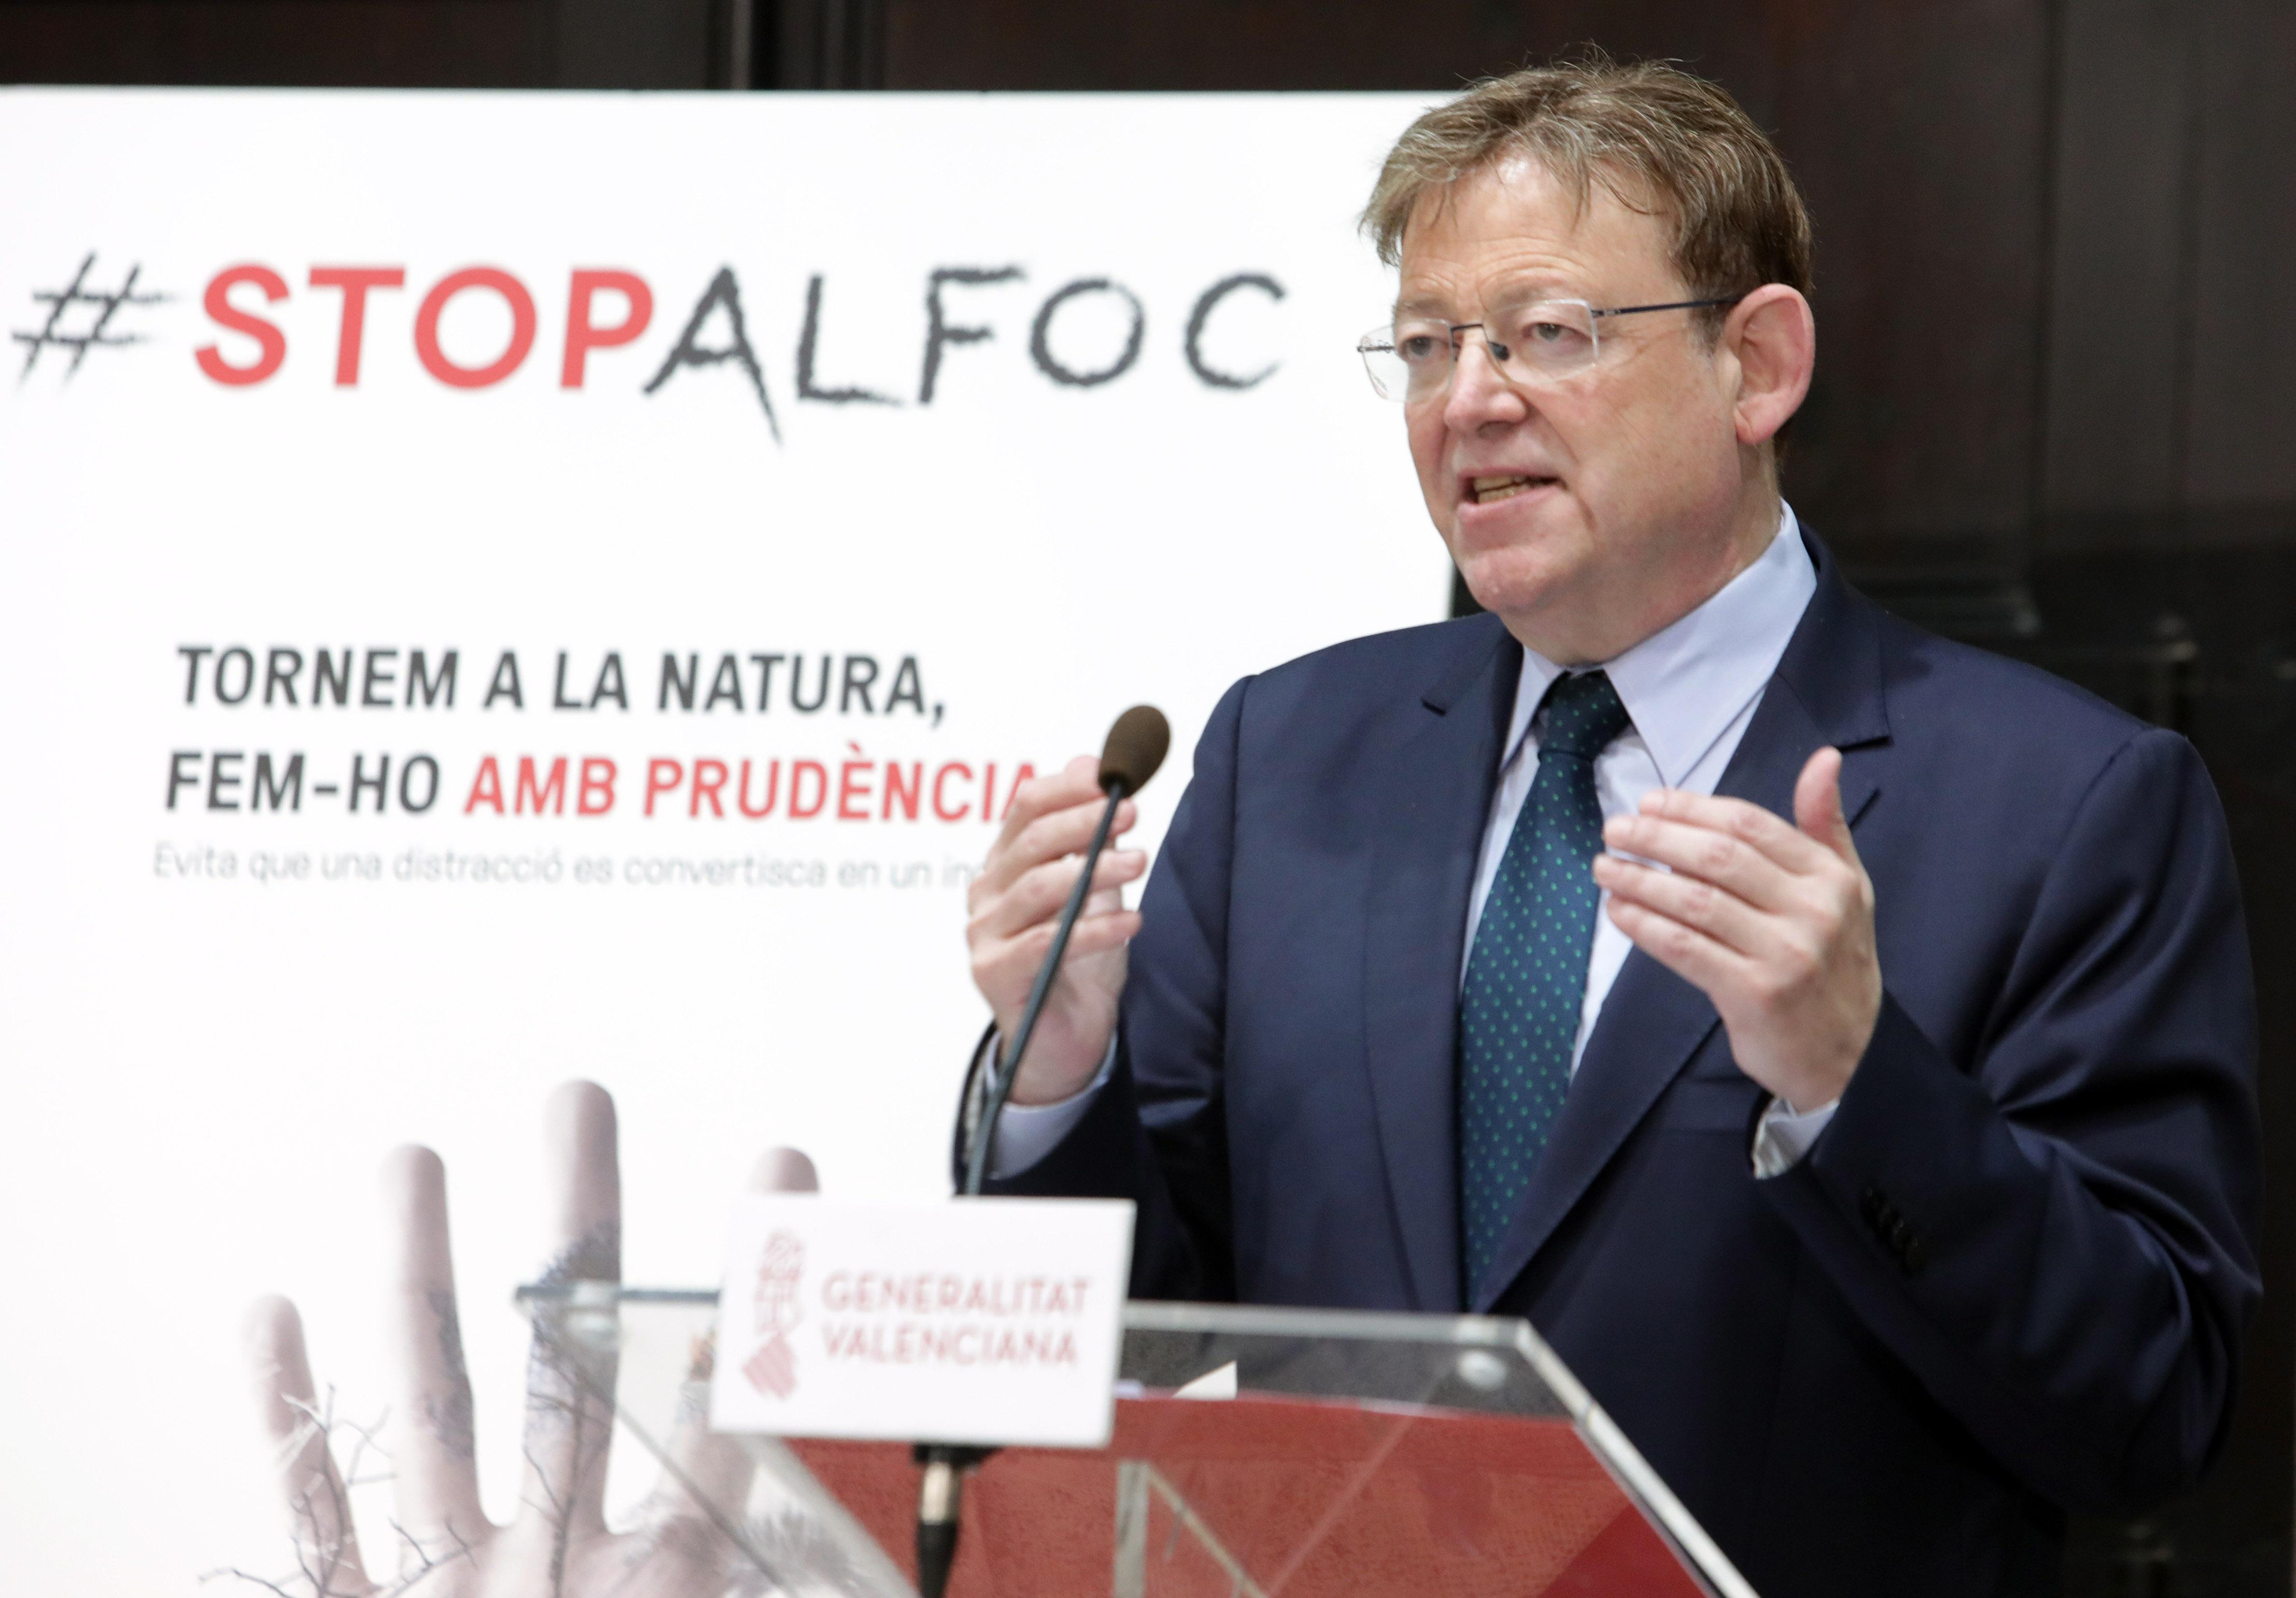 """Ximo Puig apela a la """"responsabilidad"""" y """"prudencia"""" de la ciudadanía p..."""